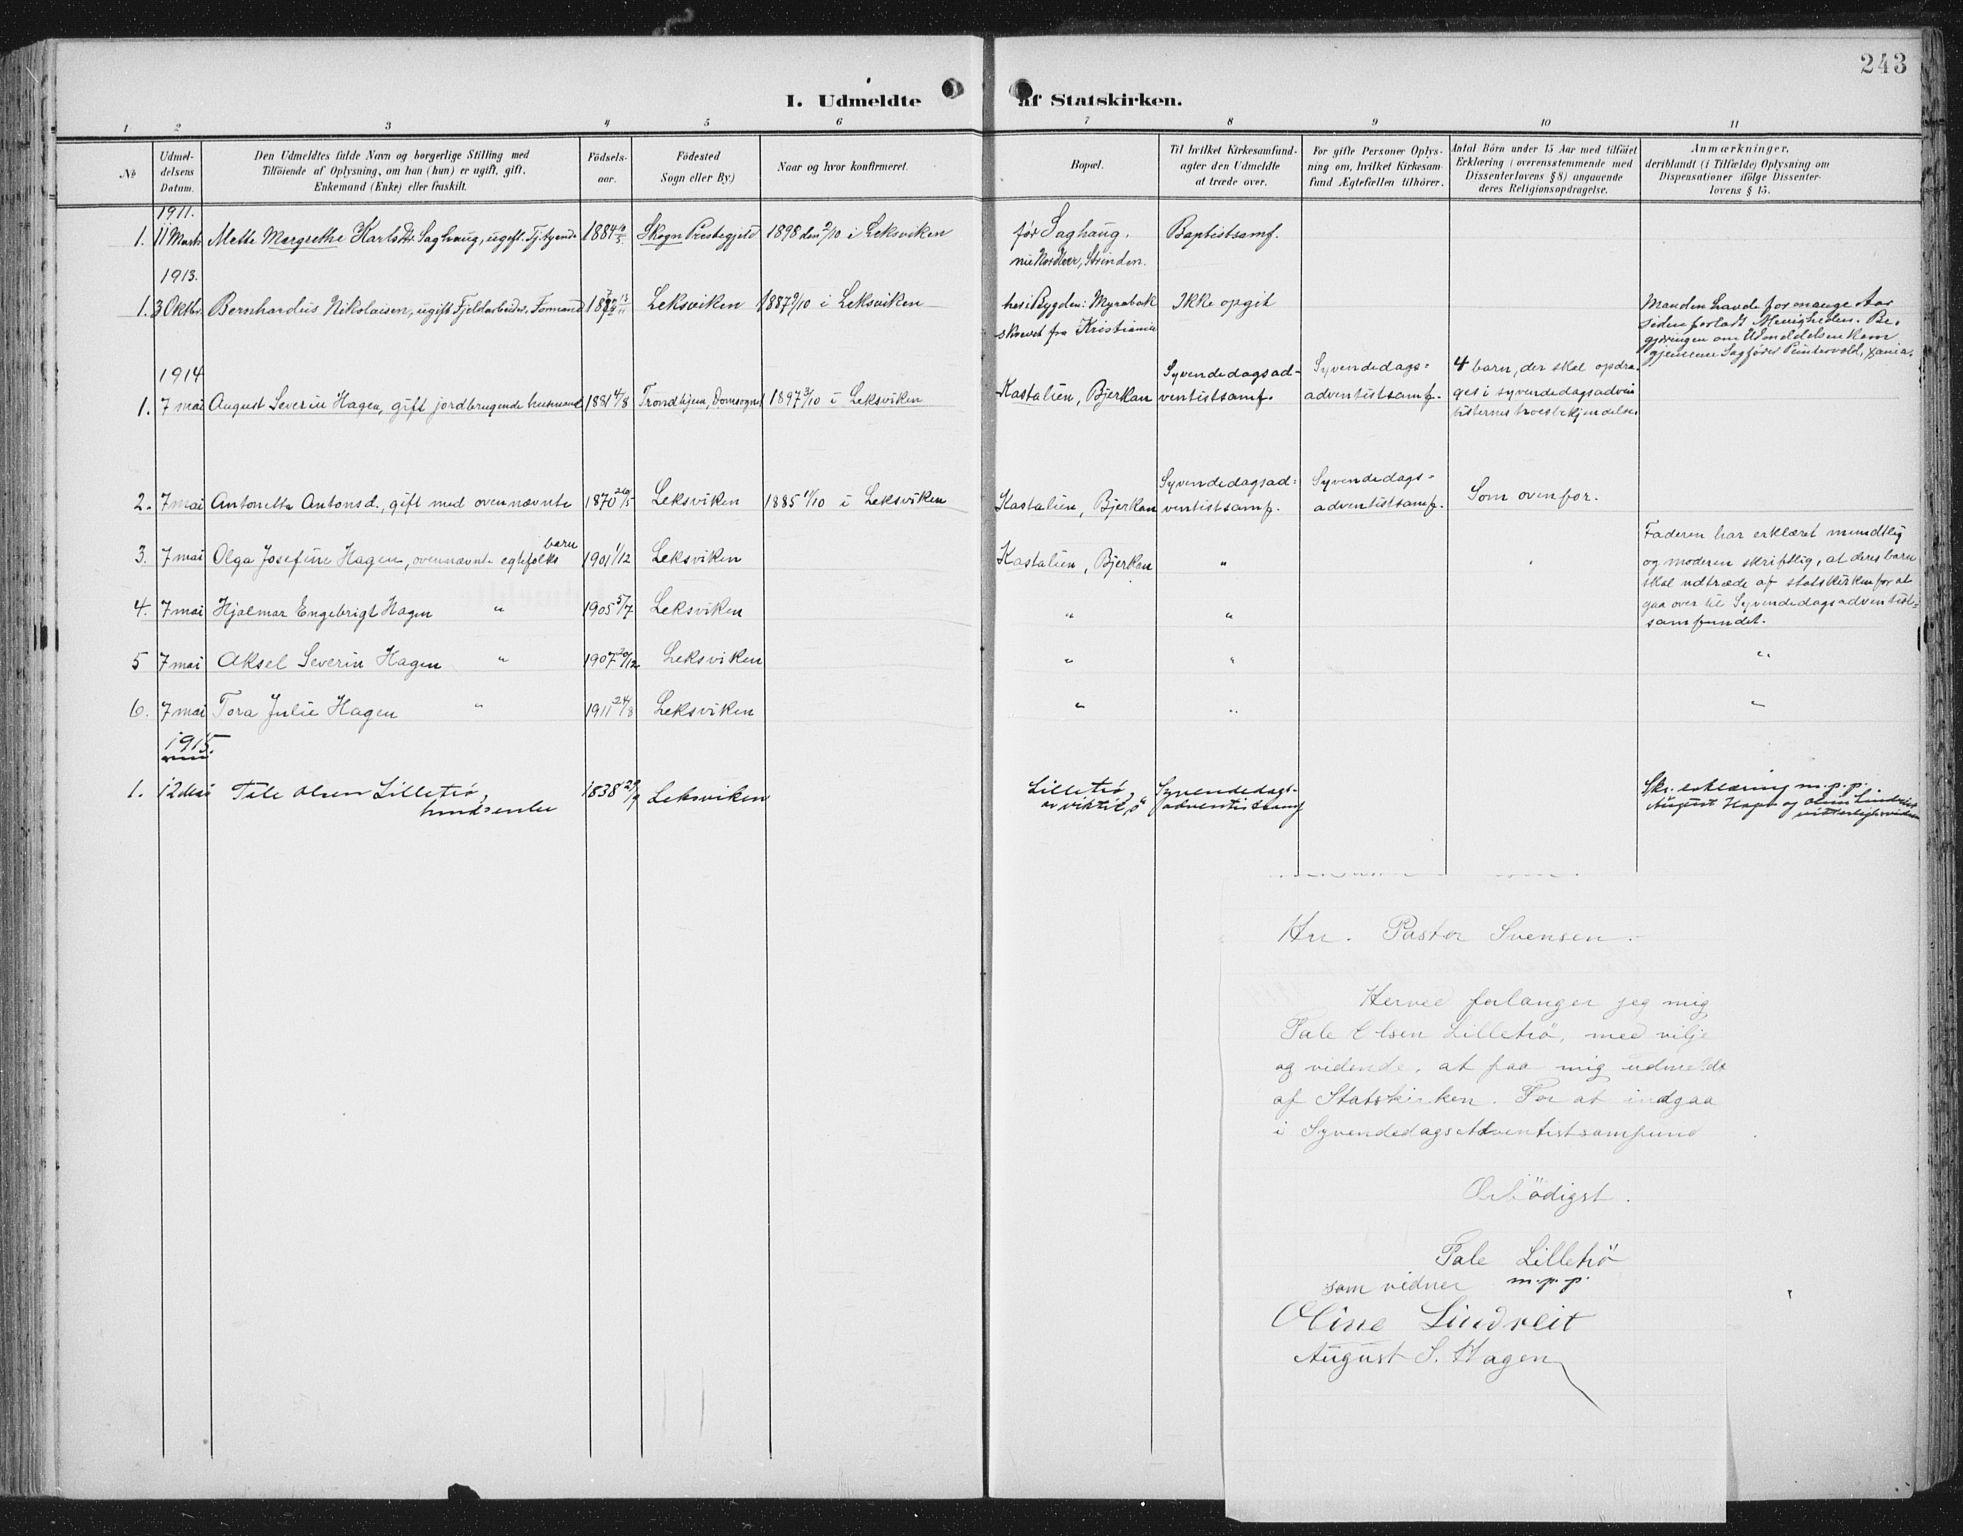 SAT, Ministerialprotokoller, klokkerbøker og fødselsregistre - Nord-Trøndelag, 701/L0011: Ministerialbok nr. 701A11, 1899-1915, s. 243